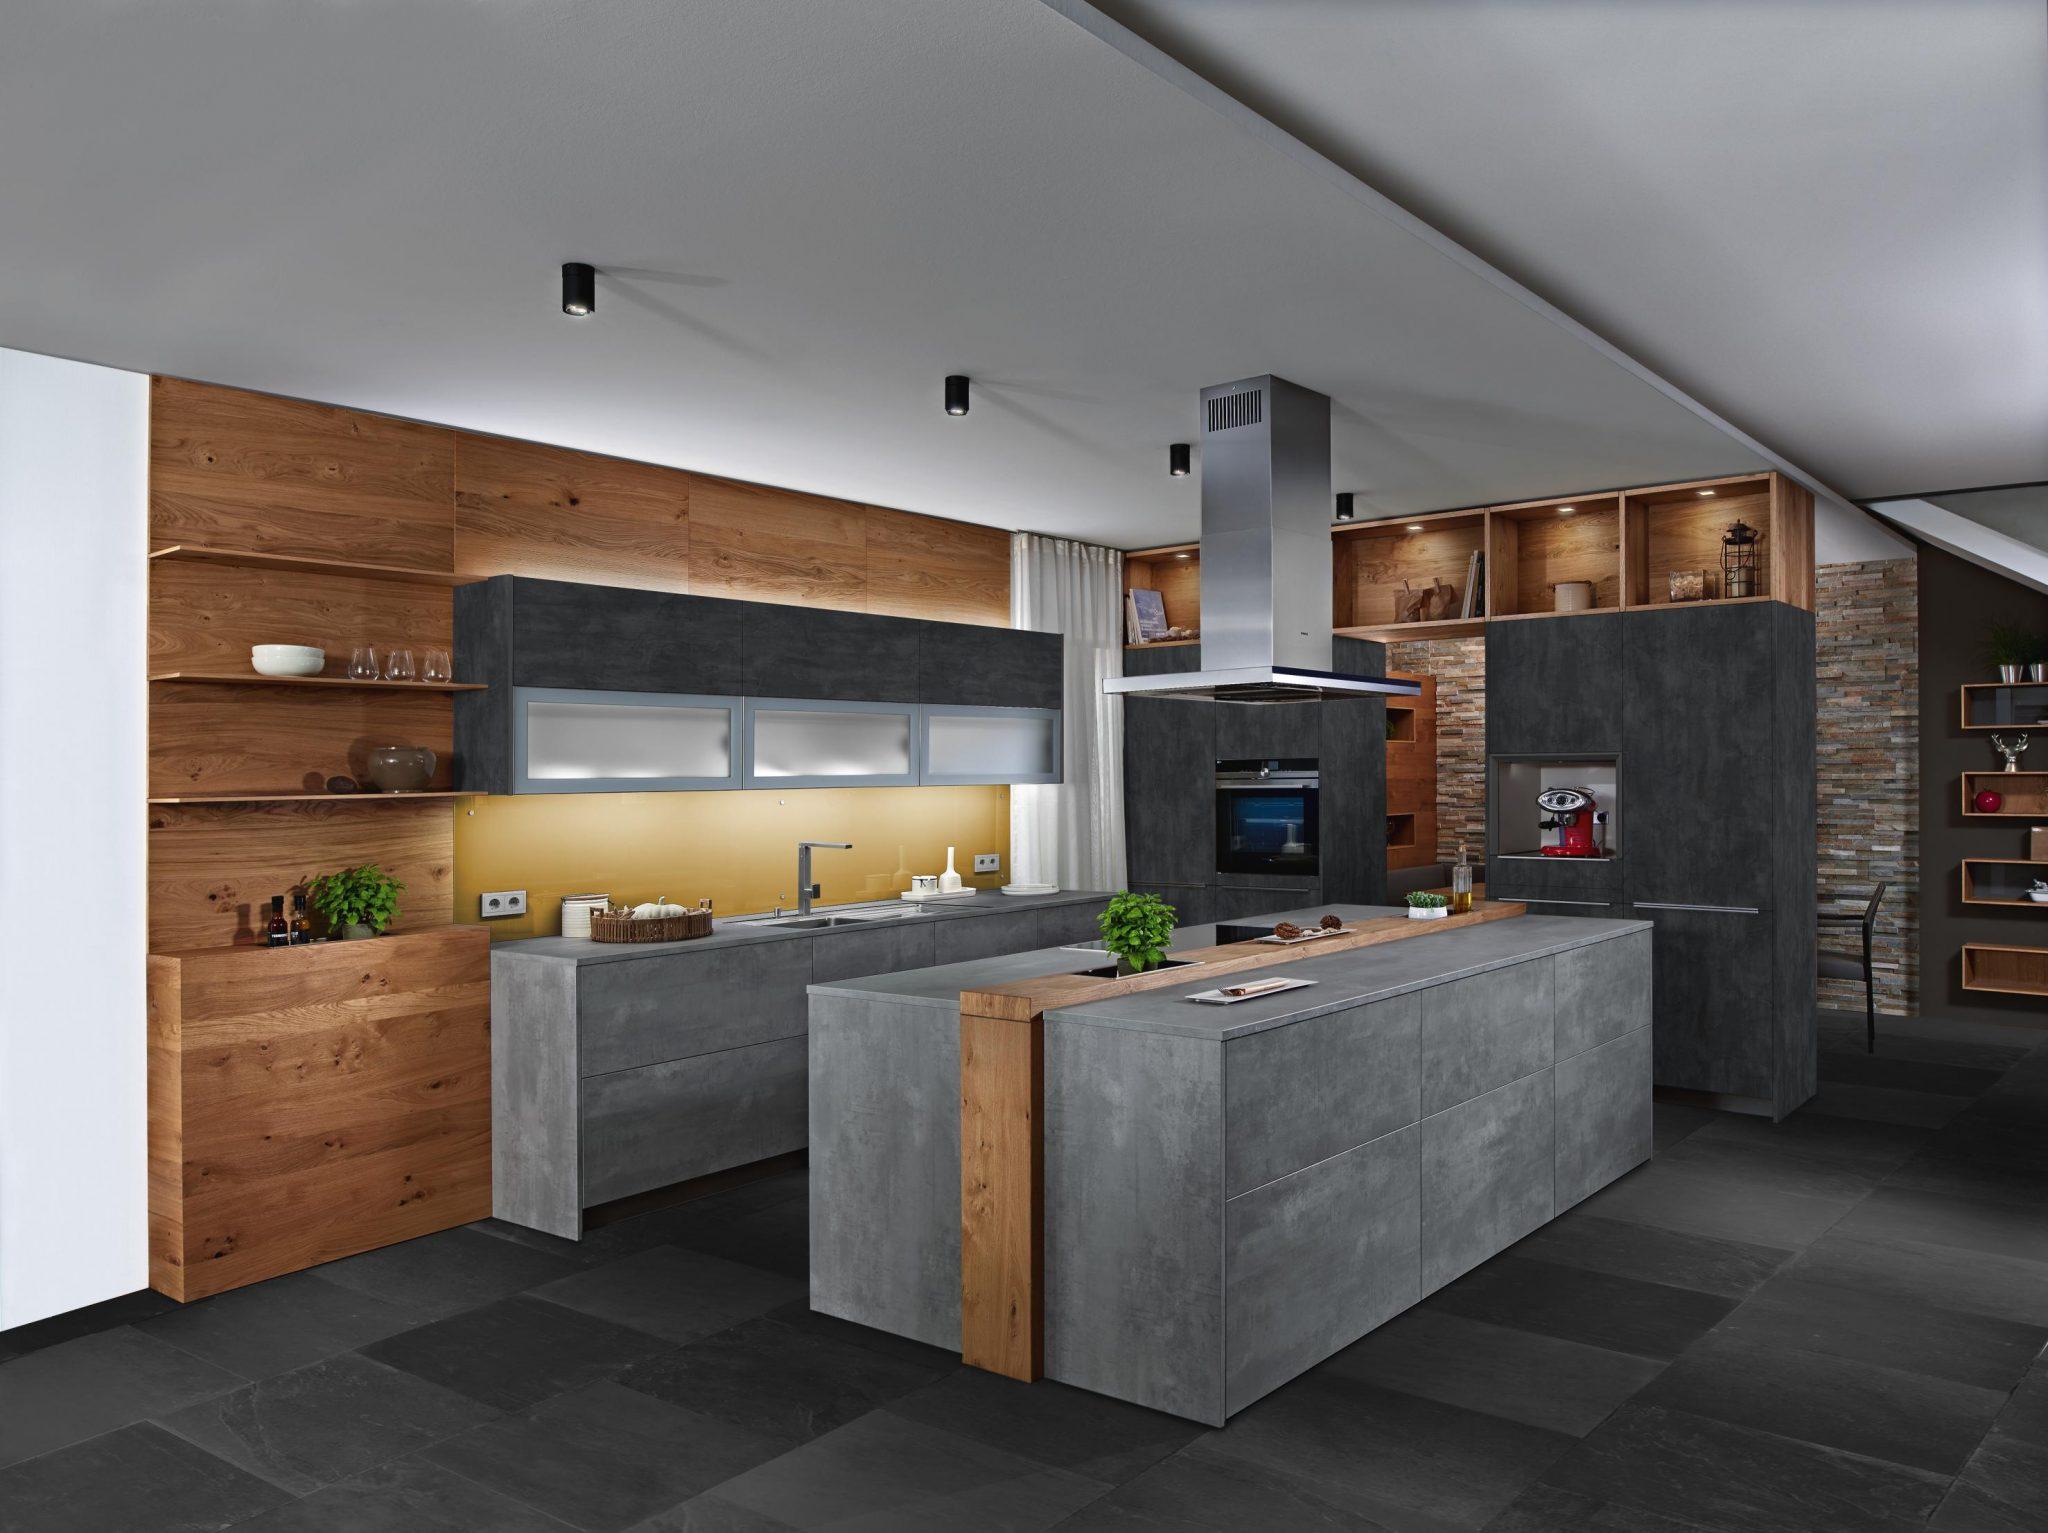 Die Mobelpolt Kuche Fronten Und Arbeitsplatte In Beton Dekor Mit Wildeiche Kombiniert Mobel Polt Mobelhaus